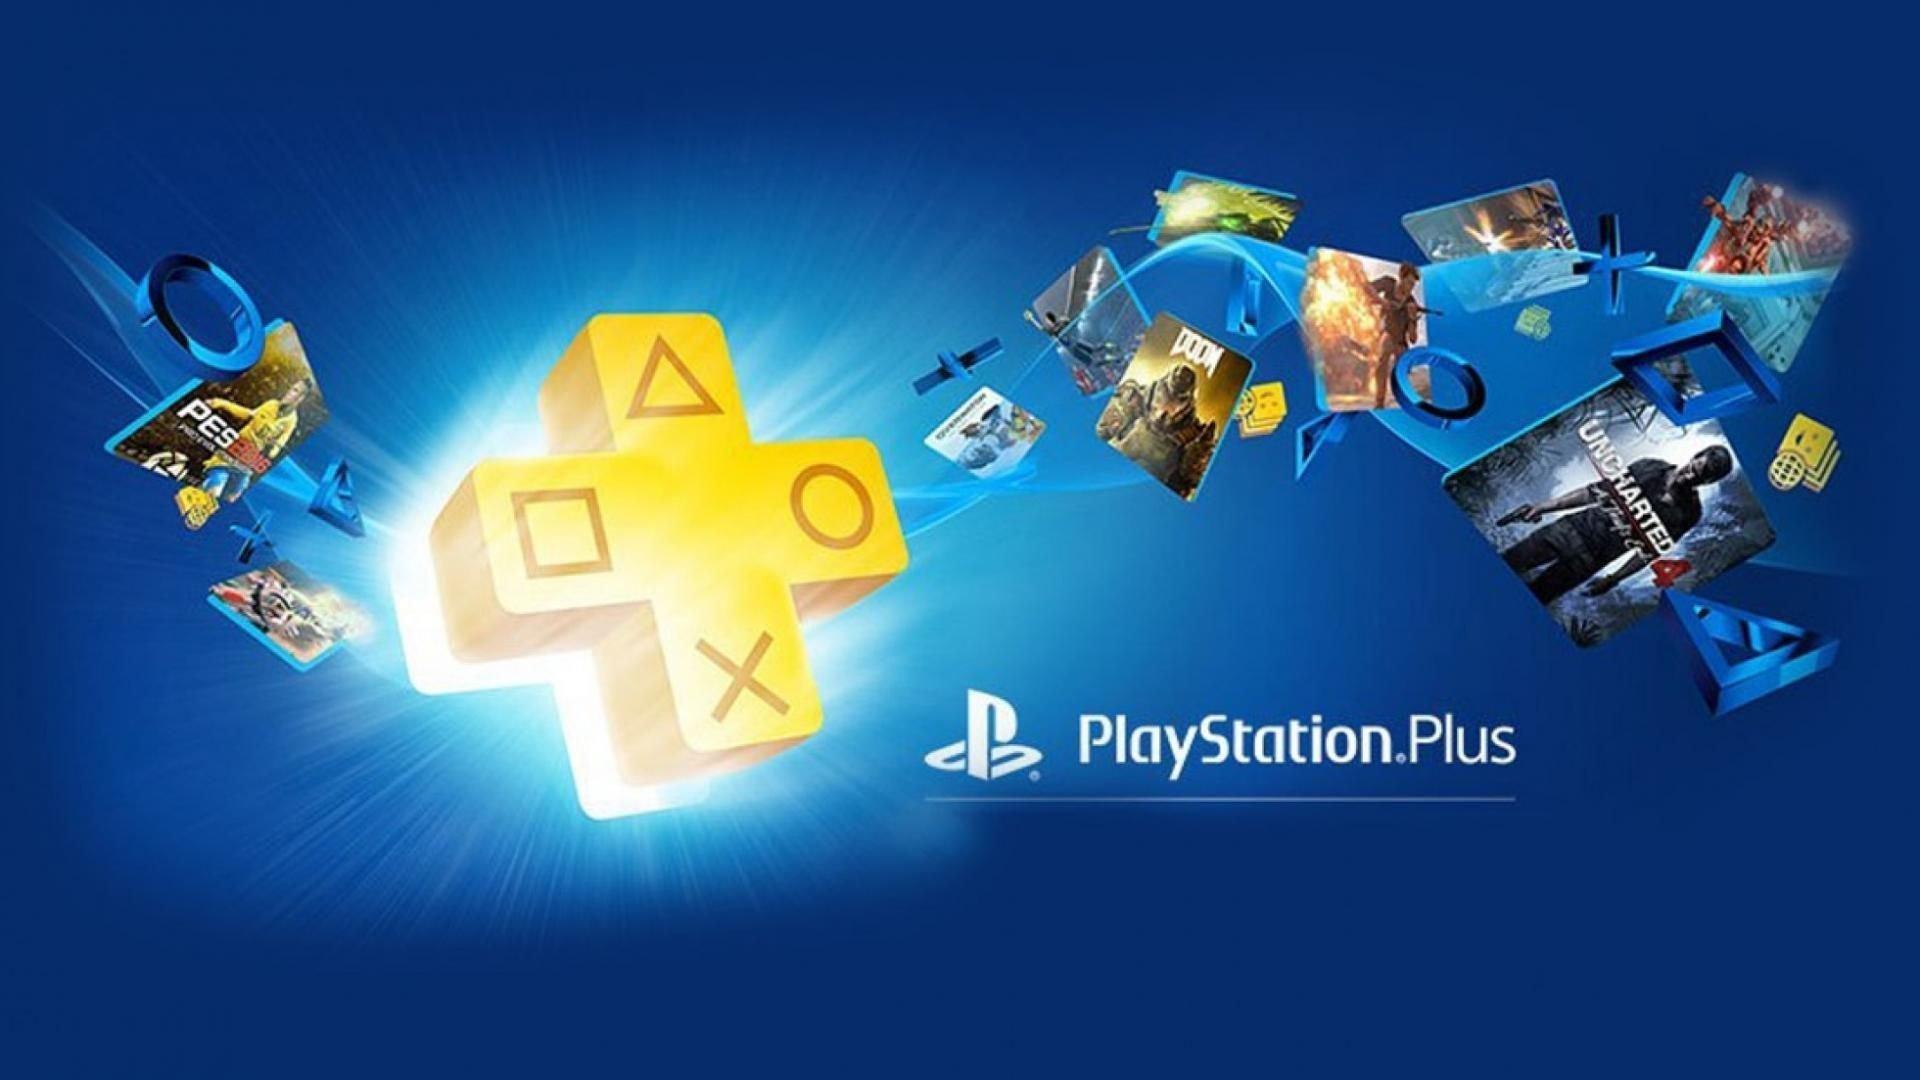 Agora a Sony está quase pronta para revelar os dois novos jogos da PS Plus de Julho de 2020 para os jogadores de PlayStation 4.